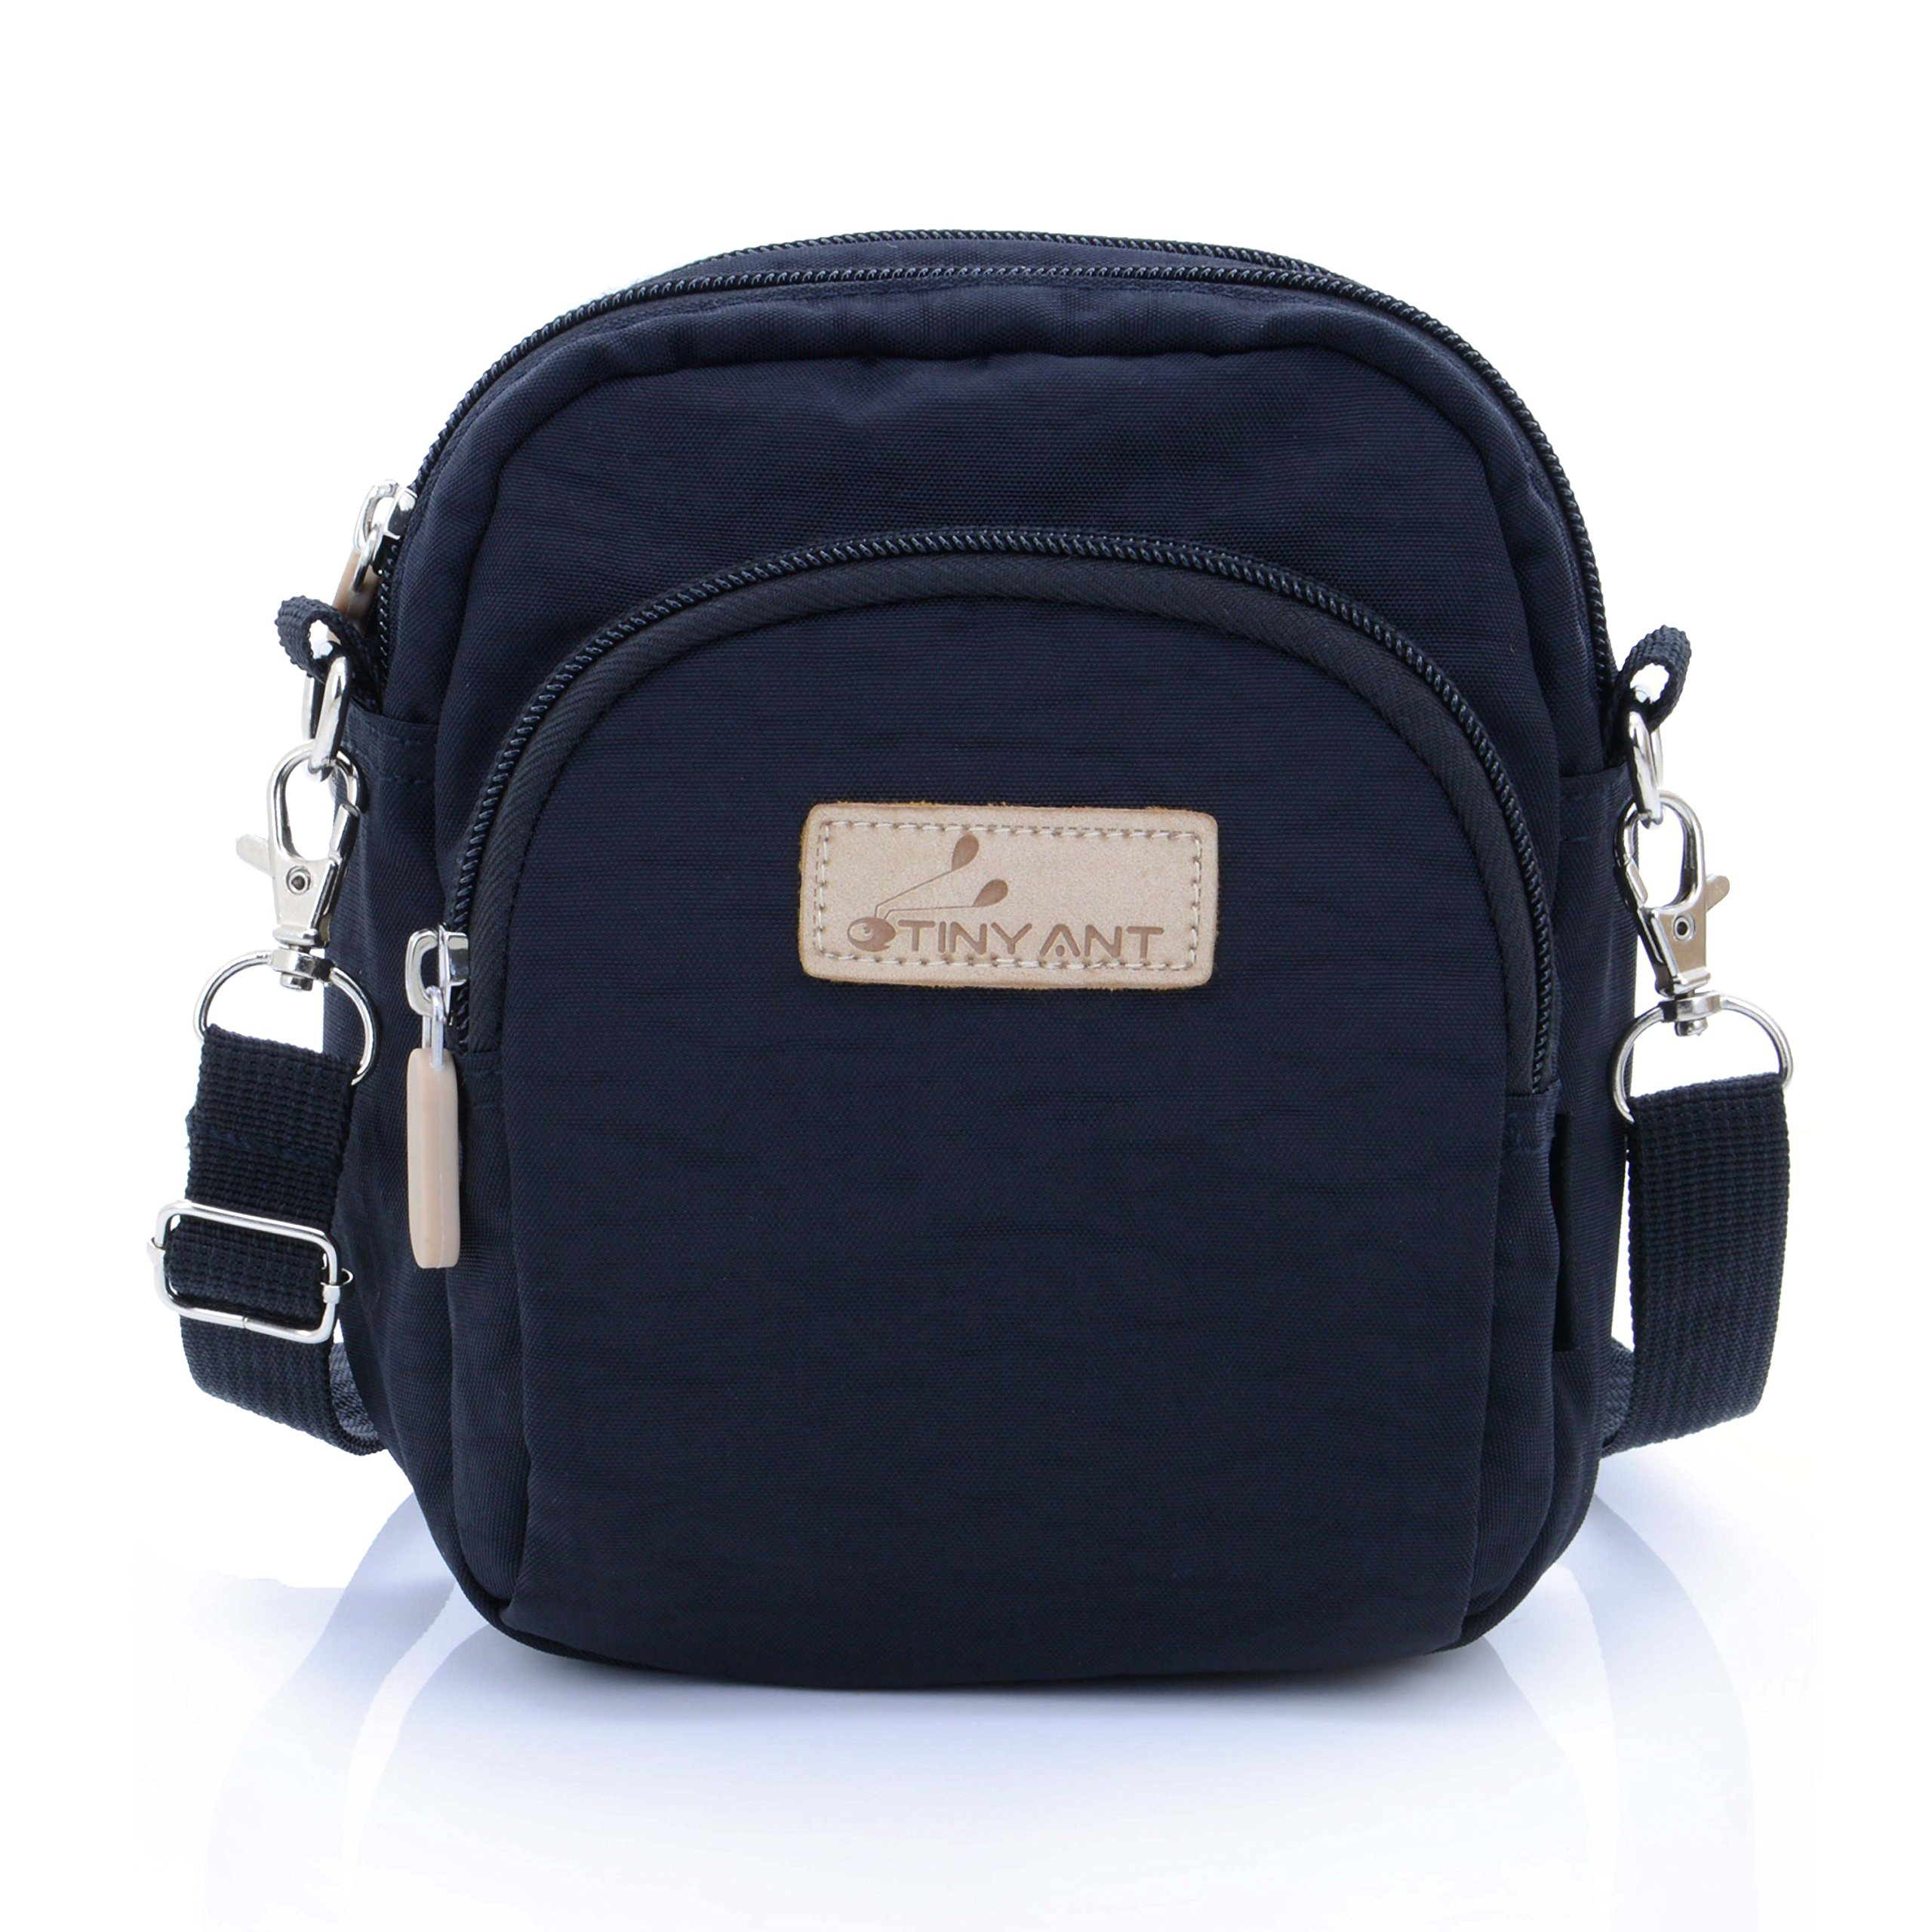 Women's 3 Layers Wristlet Purse Zipped Cell Phone Clutch Crossbody Handbags(Waist/Shoulder Bag-Black)